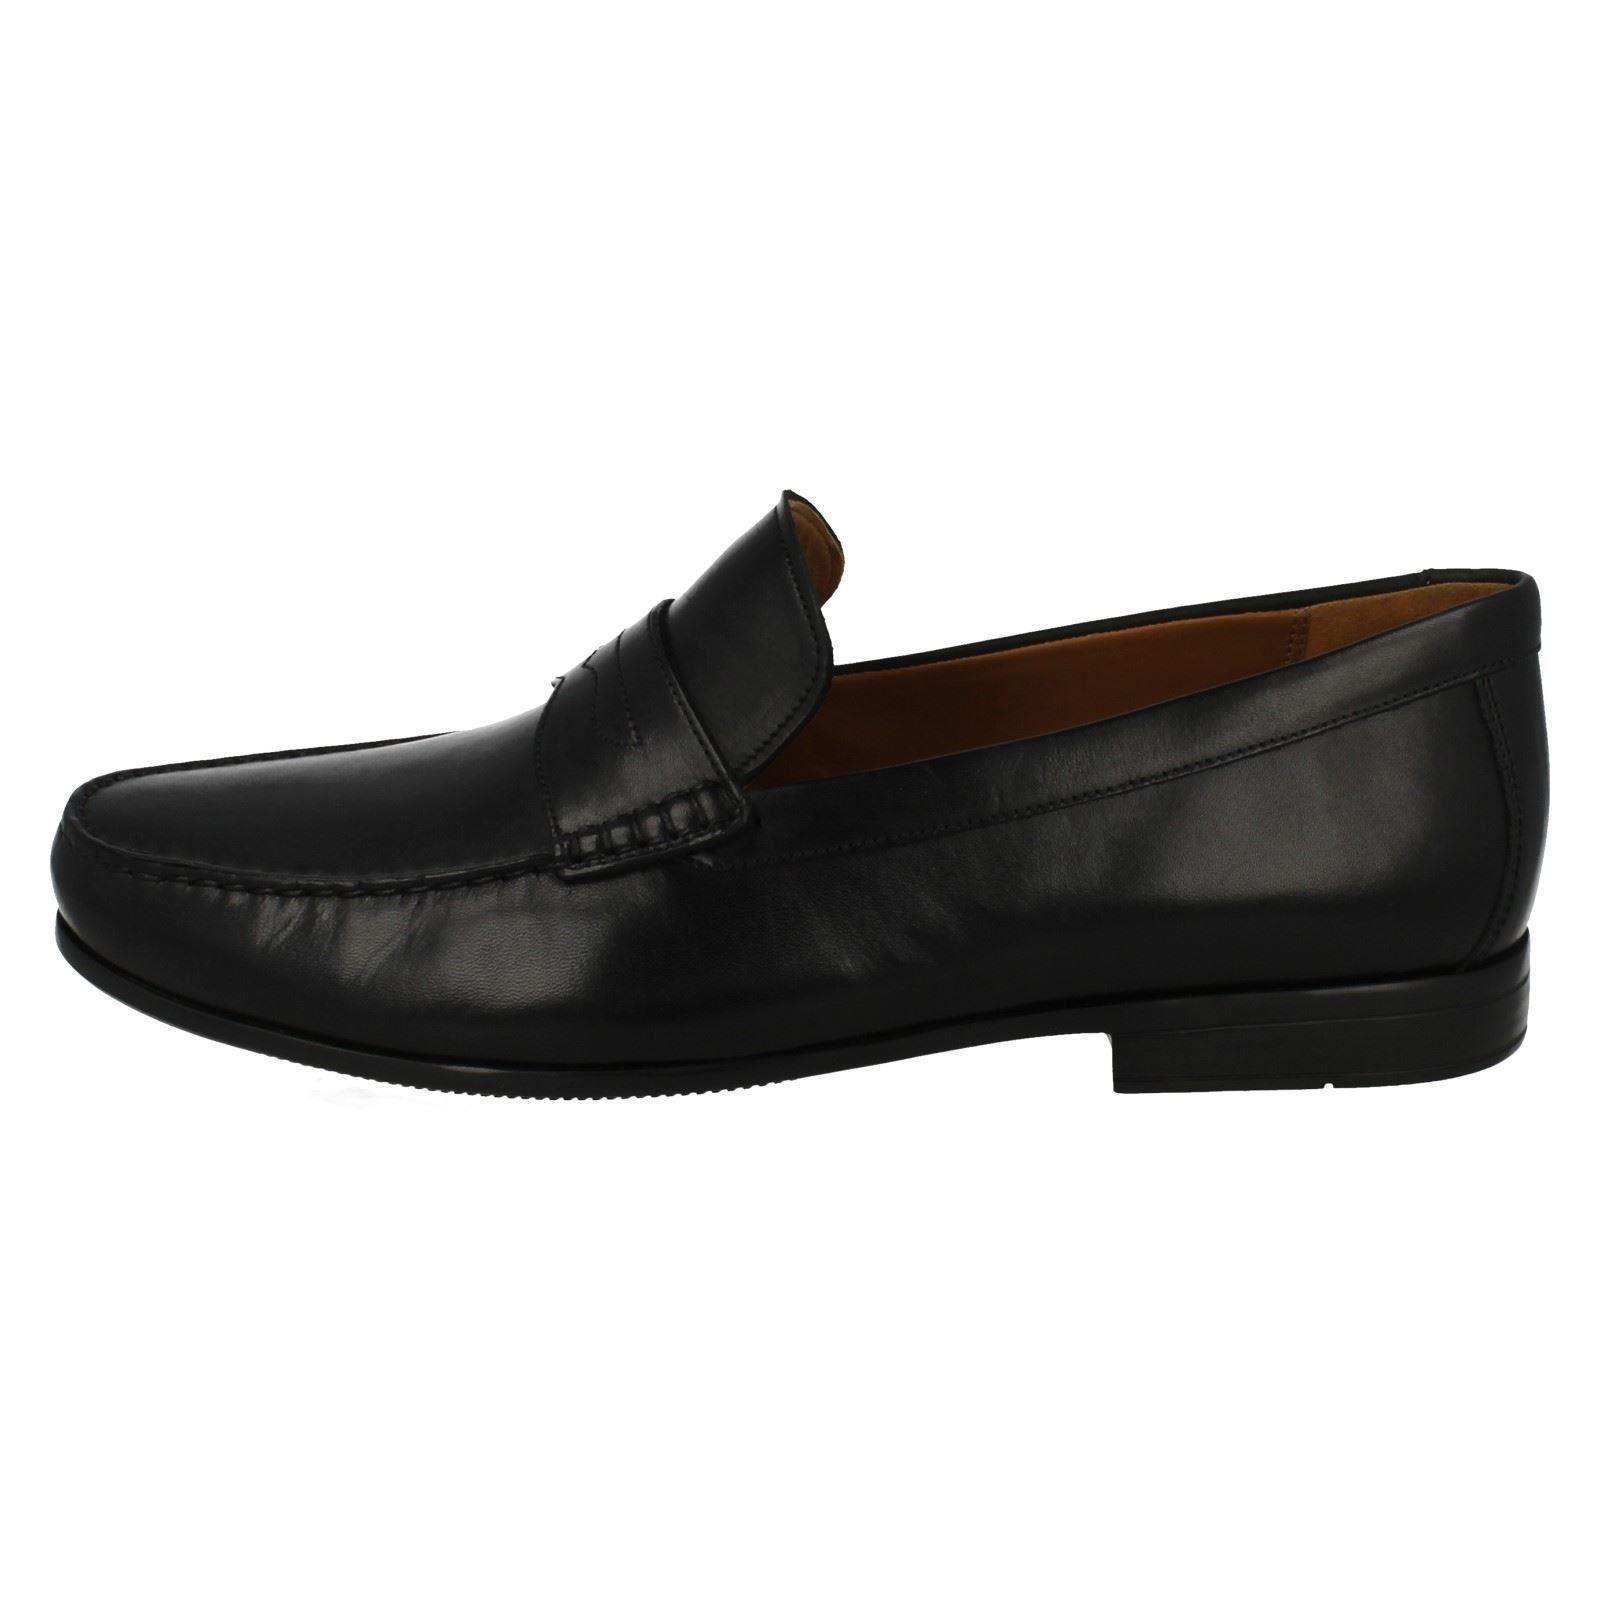 en de Clarks zapatos hombre Clarks formales negro Lane cuero estilo para Claude mocasín wtqOYqIAg